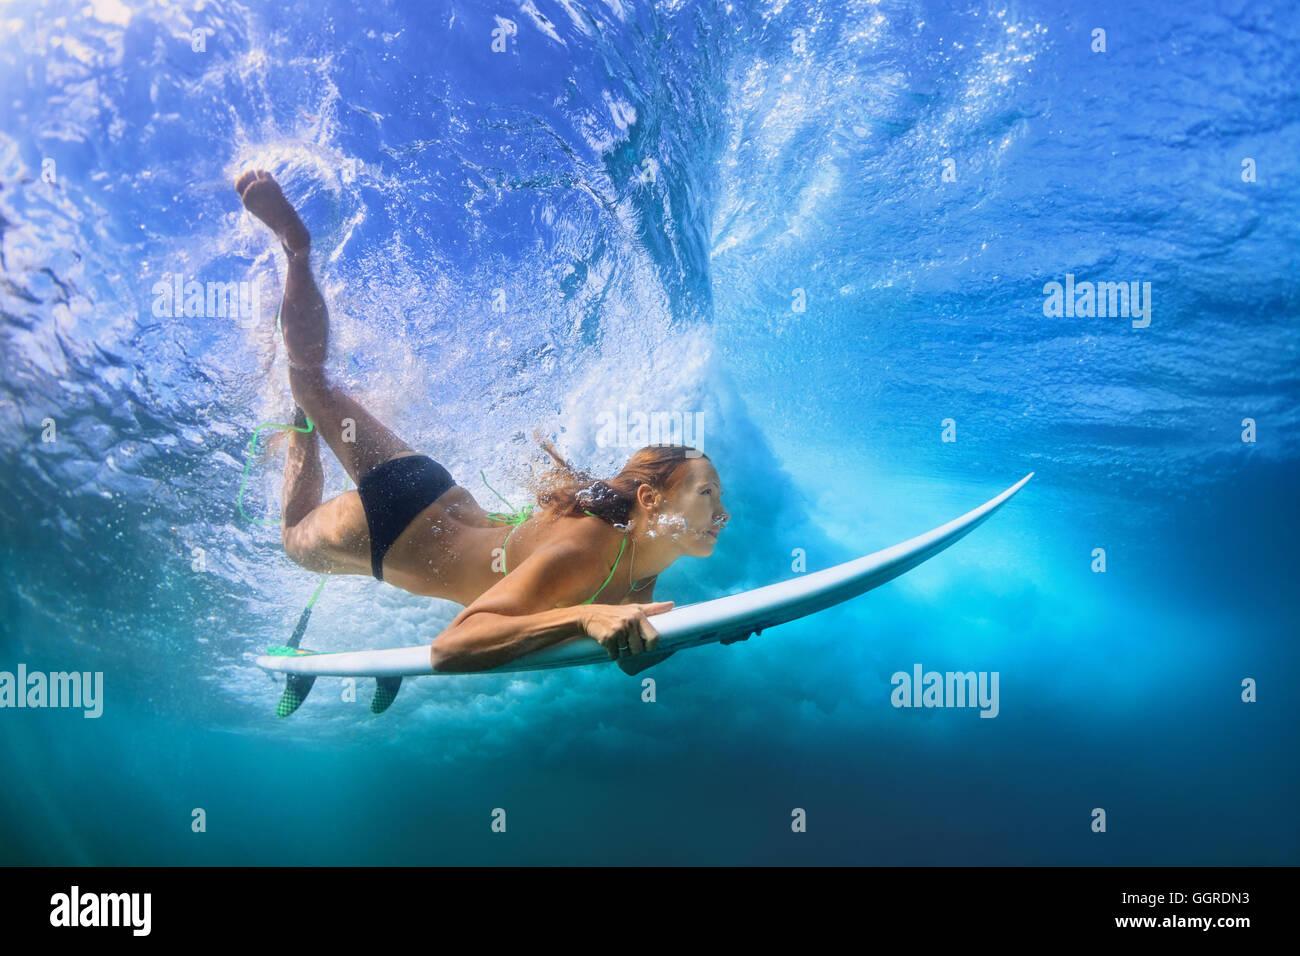 Jeune fille active in bikini en action - surfer avec planche de surf sous-marine Plongée en vertu de briser Photo Stock